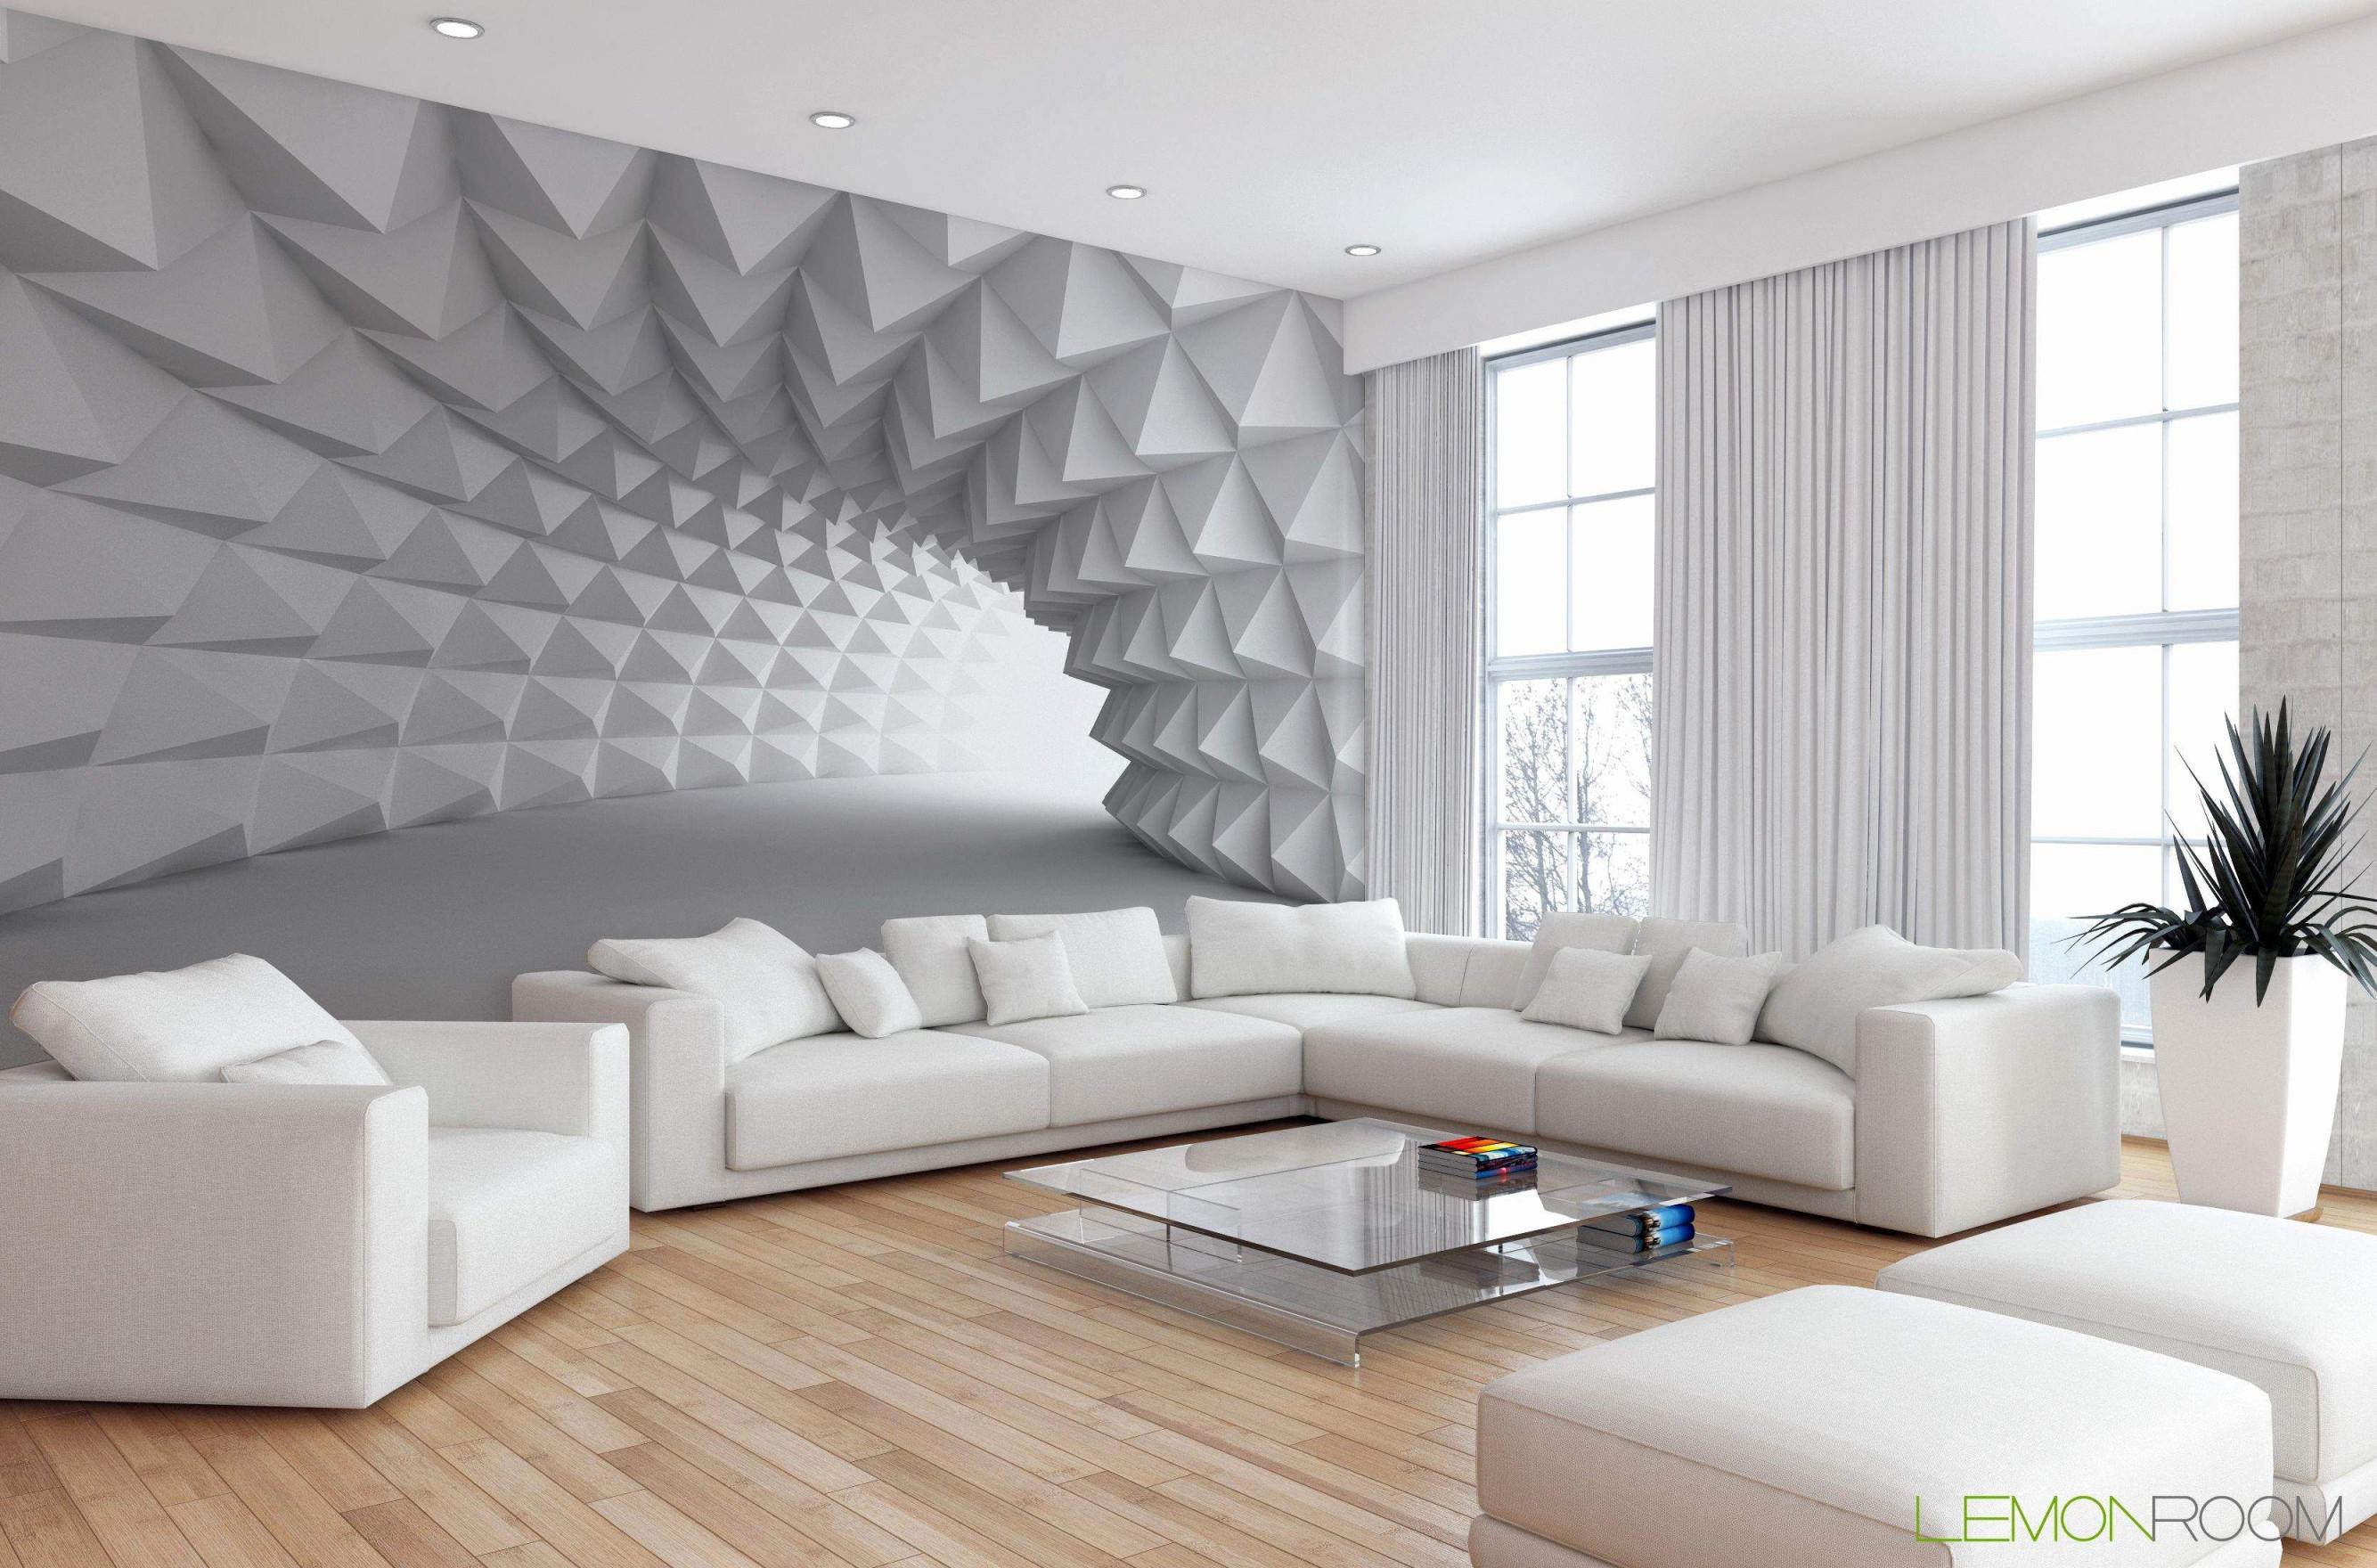 Moderne Wohnzimmer Tapeten Schön 31 Inspirierend Moderne von Tapeten Im Wohnzimmer Photo